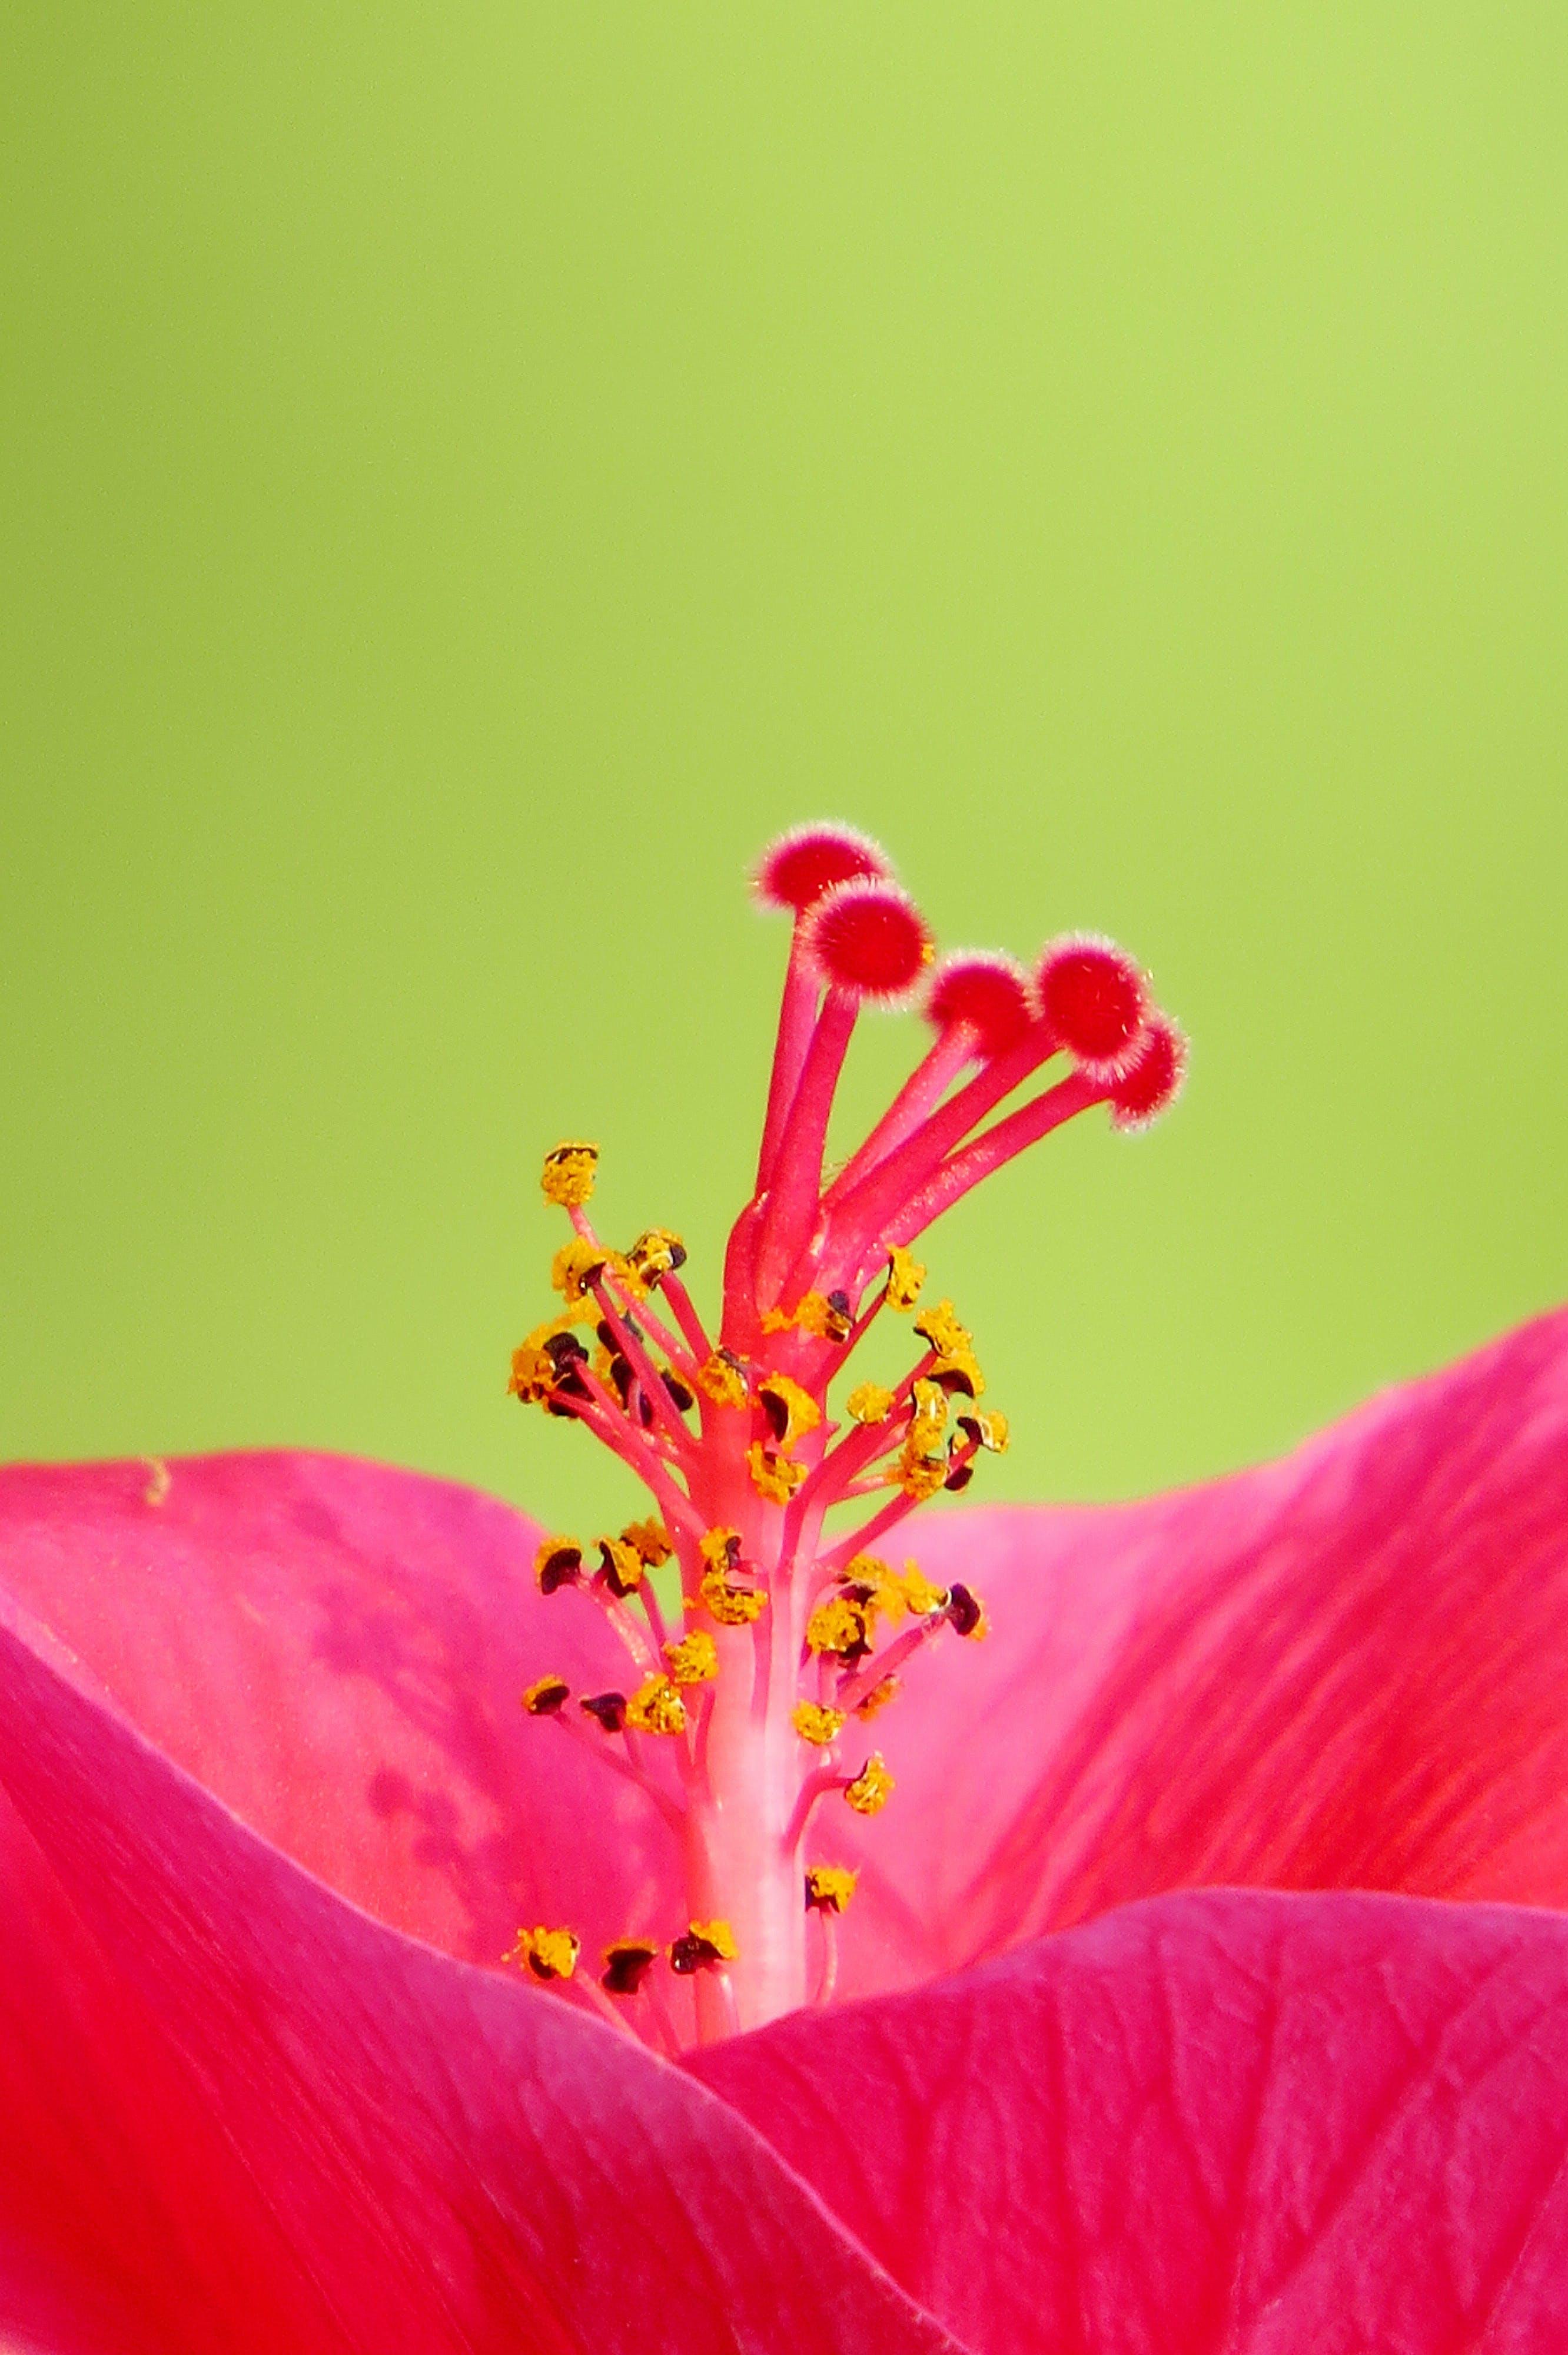 Gratis lagerfoto af blomst, blomsterflora, blomstermotiv, blomstrende